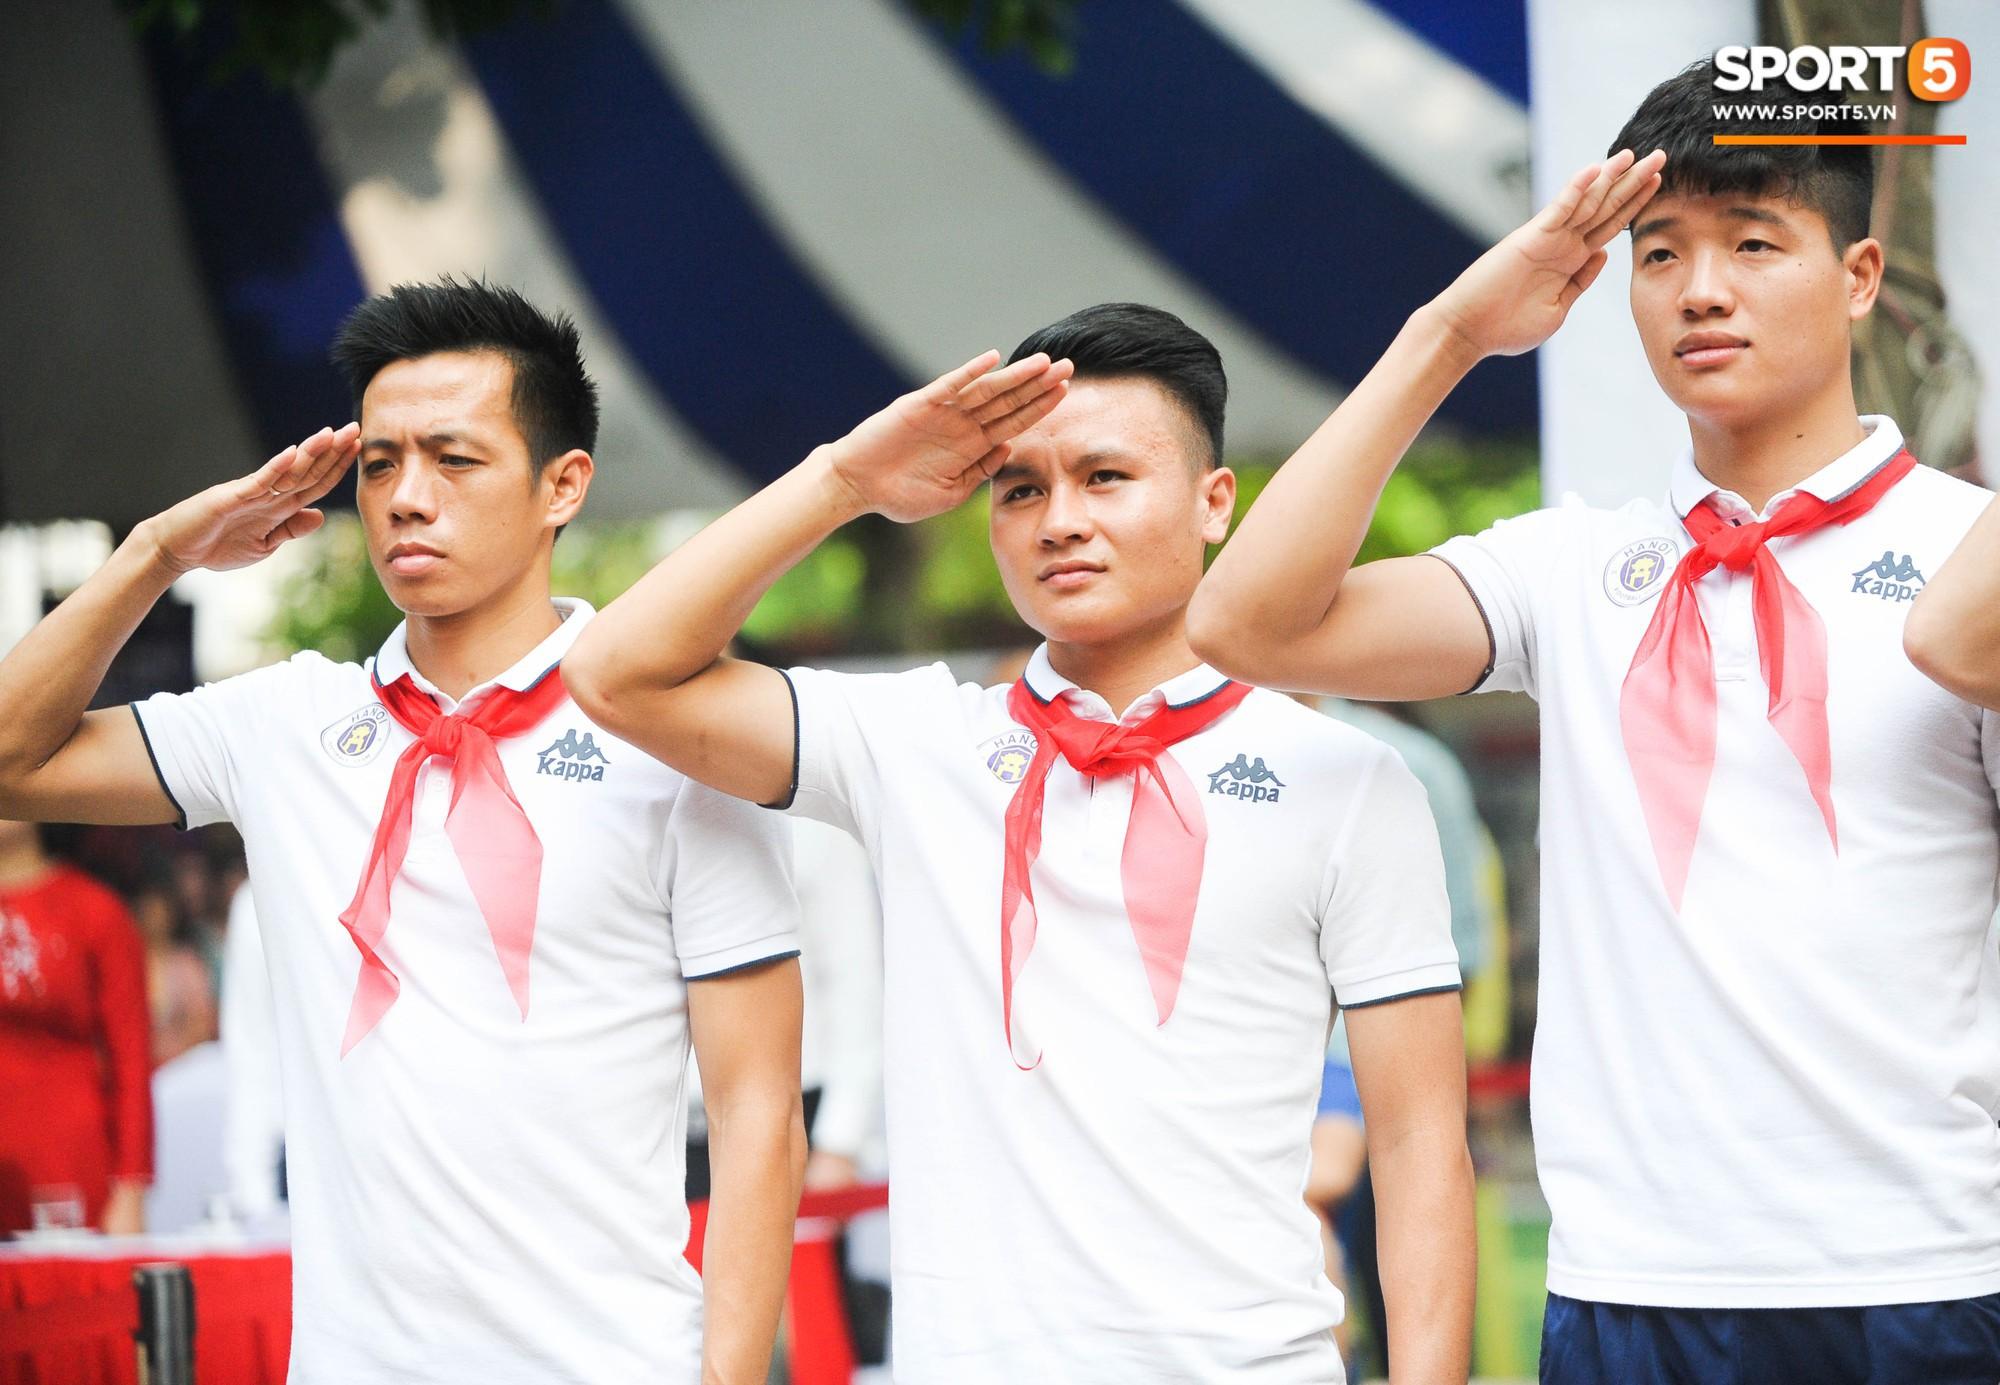 Quang Hải, Duy Mạnh và các cầu thủ Hà Nội FC khép lại hành trình thắp lửa giấc mơ Strong Vietnam - Ảnh 3.